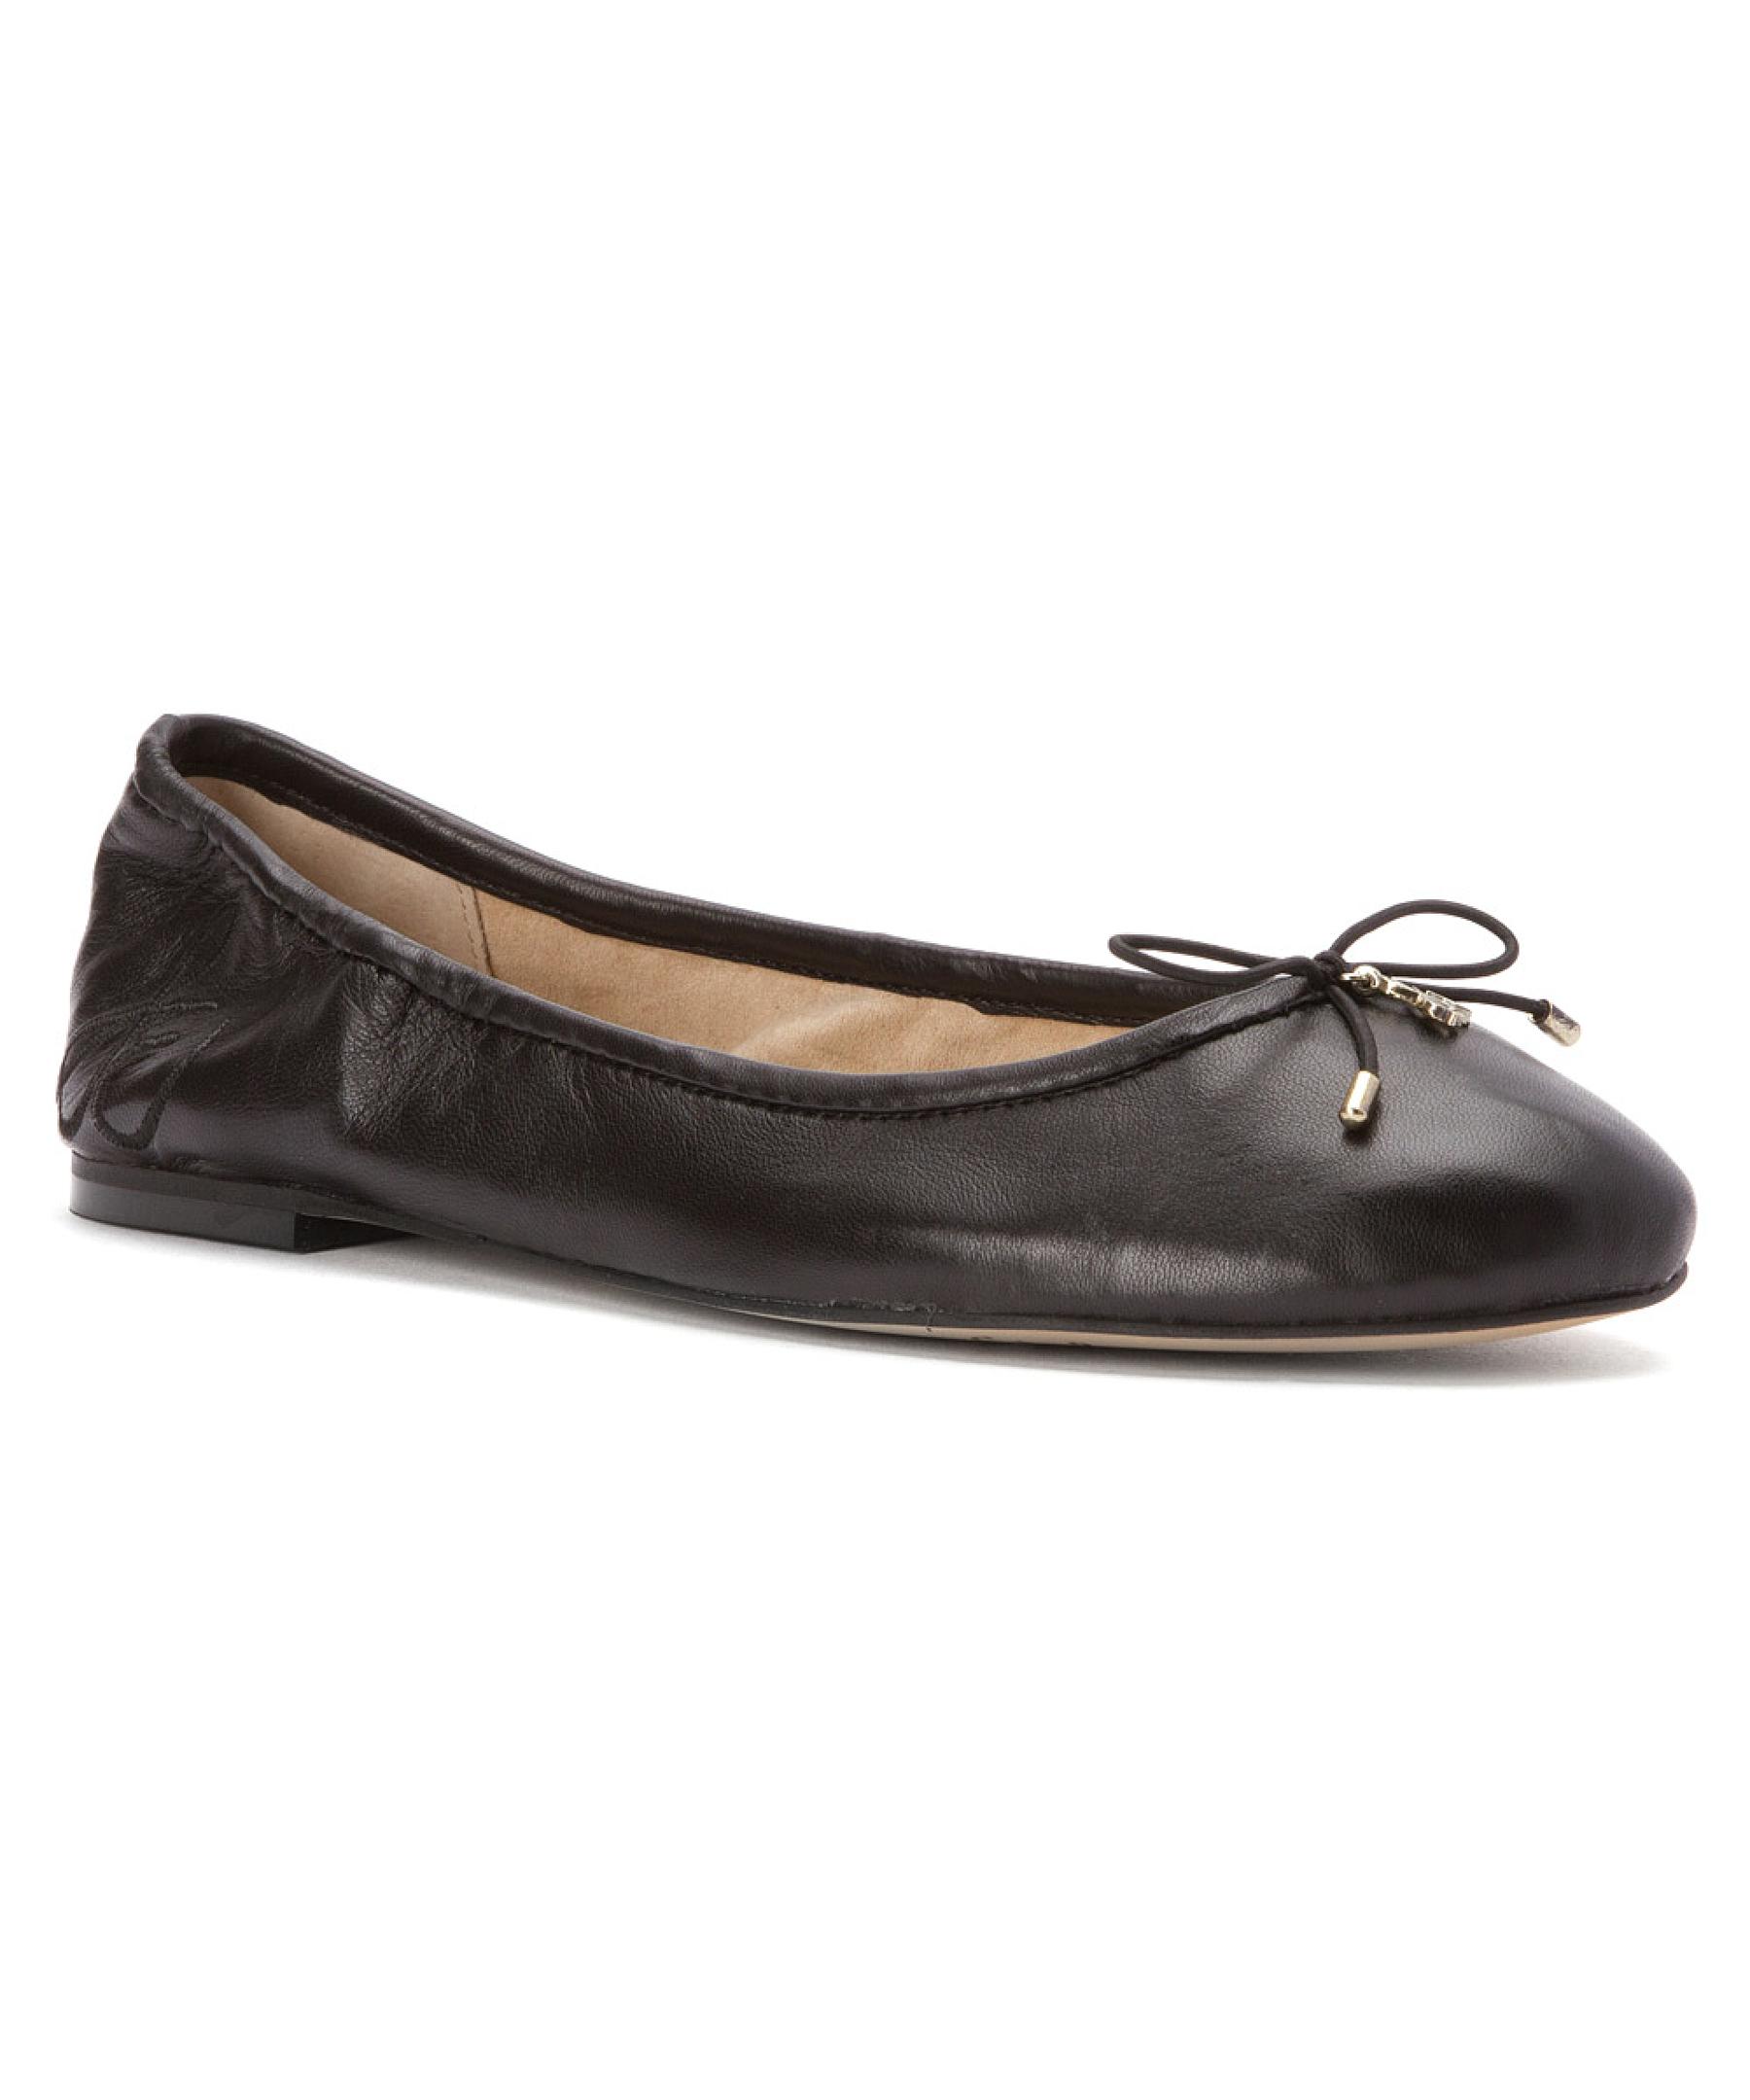 ab91b725840e Sam Edelman Womenu0026 39 s Felicia Flats Shoes In Brown